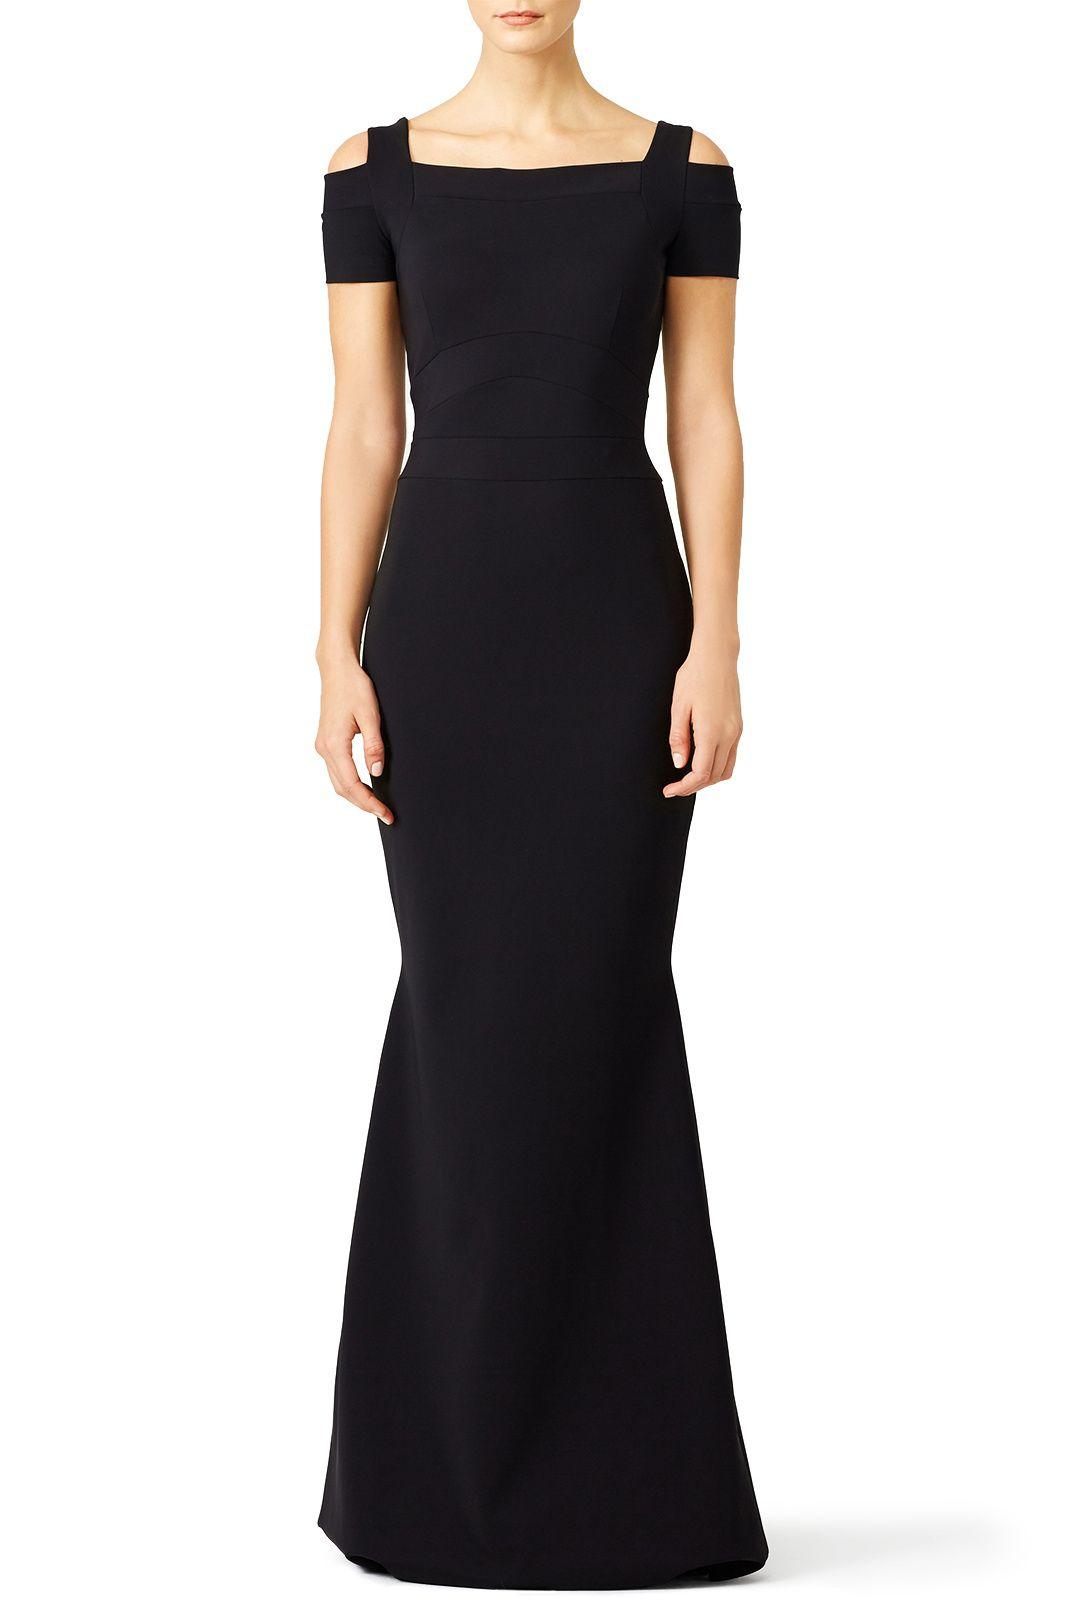 2dbb2b24 La Petite Robe di Chiara Boni Black Jenna Gown | Gala | Petite ...